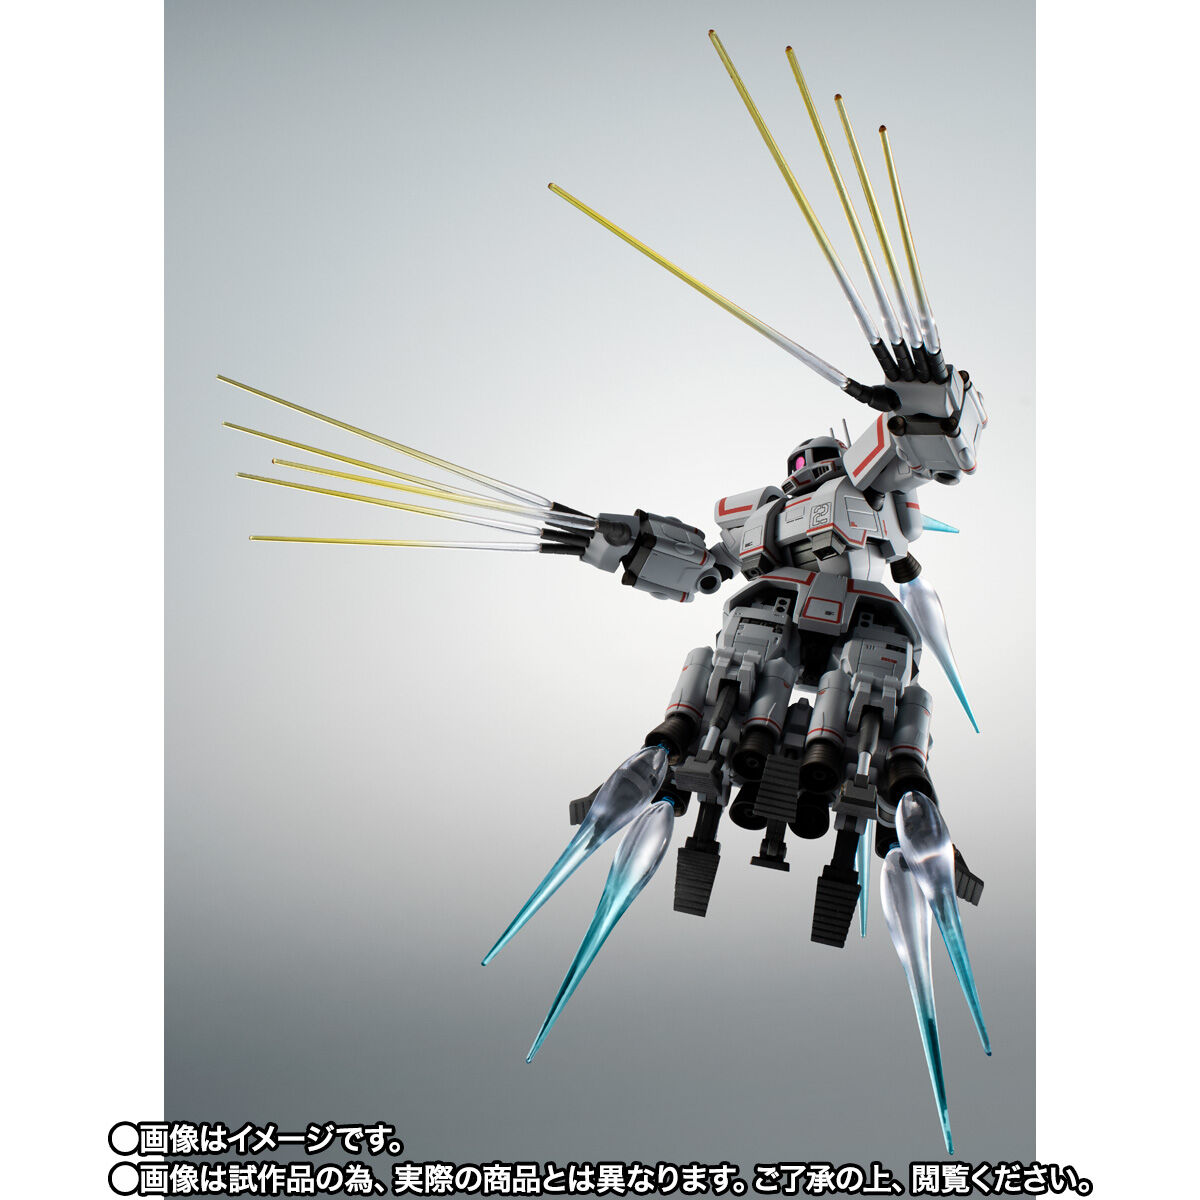 【限定販売】ROBOT魂〈SIDE MS〉『MSN-01 高速機動型ザク ver. A.N.I.M.E.』ガンダムMSV 可動フィギュア-004